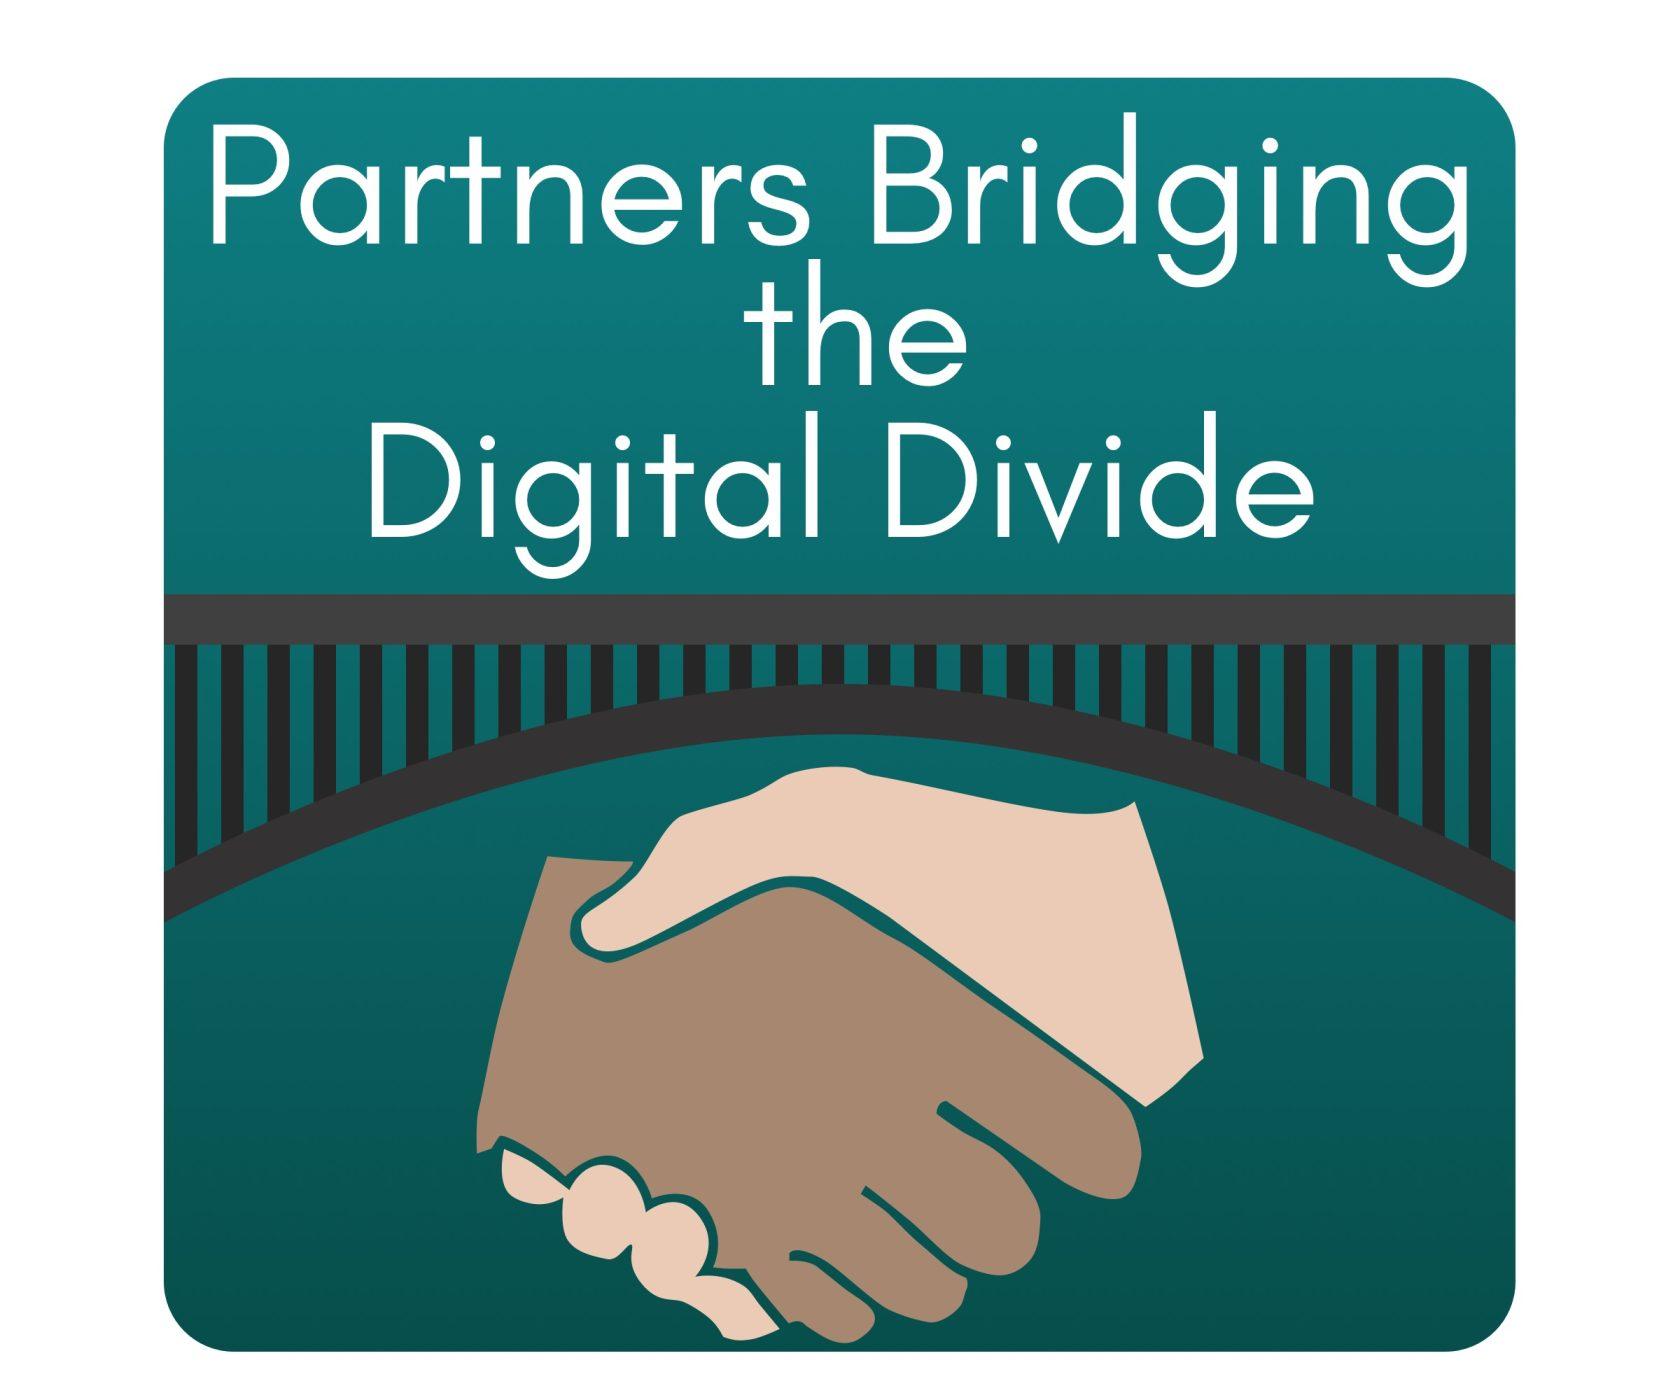 Partners Bridging the Digital Divide (PBDD) logo